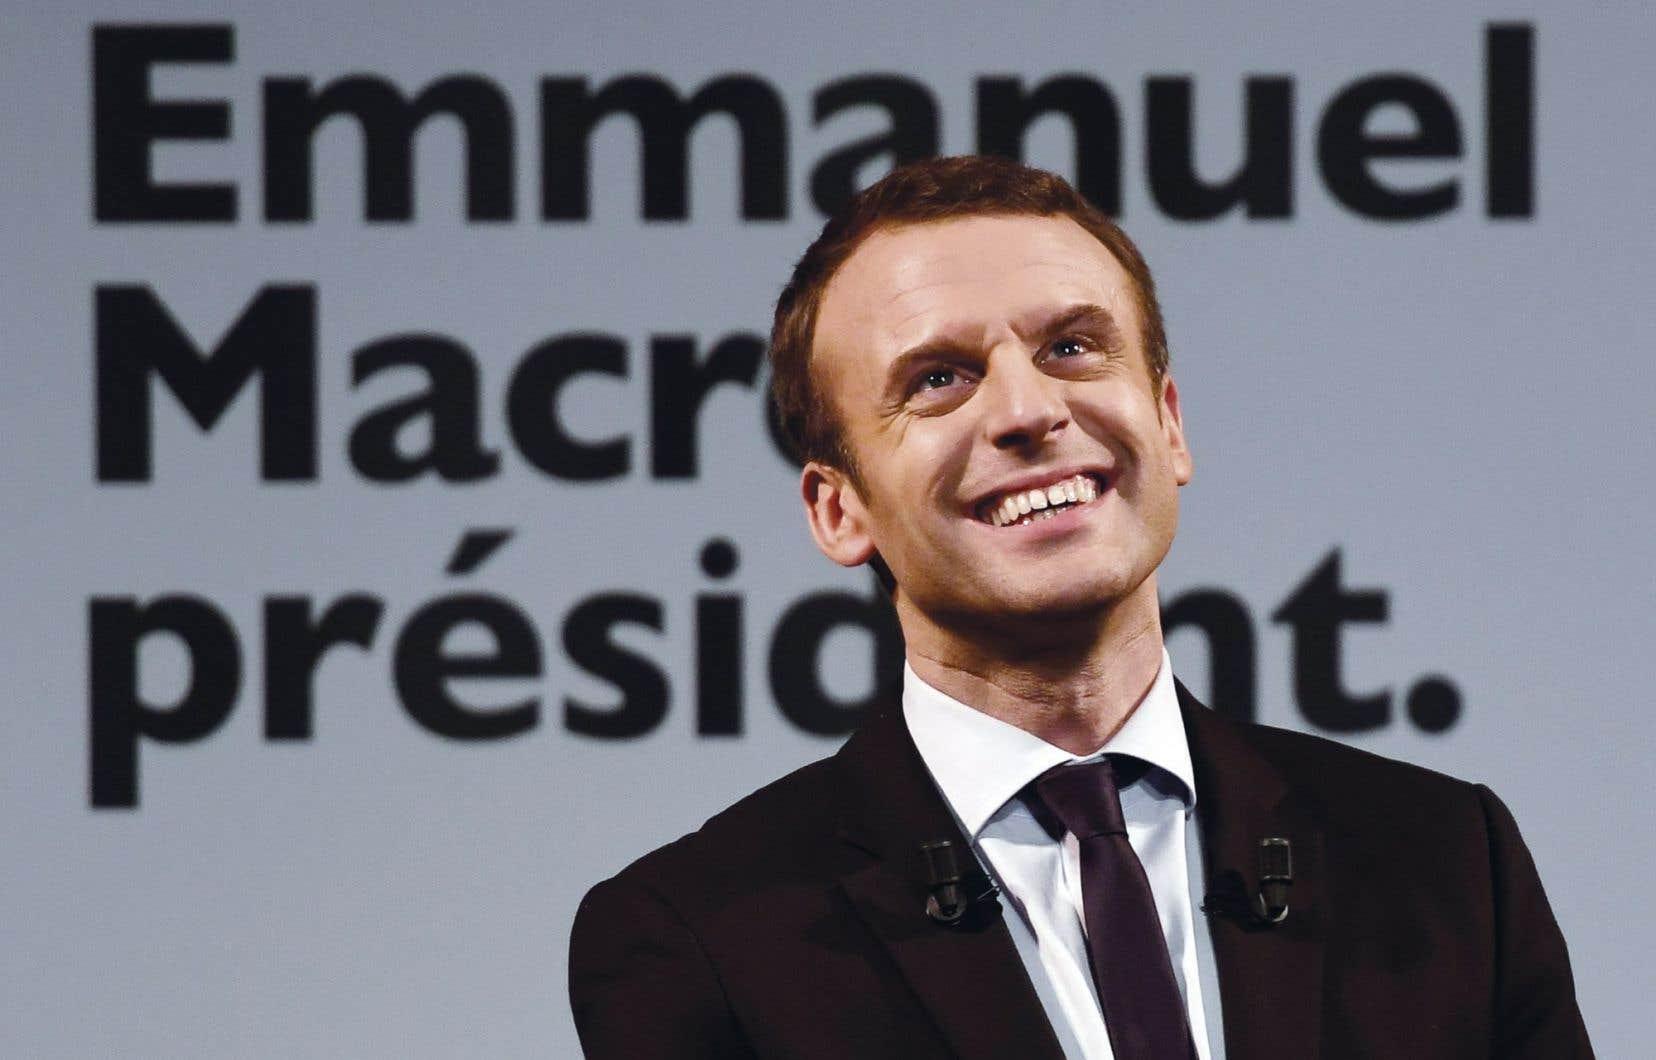 M. Macron a peu d'expérience politique: deux ans comme conseiller de l'Élysée puis deux ans à titre de ministre de l'Économie.